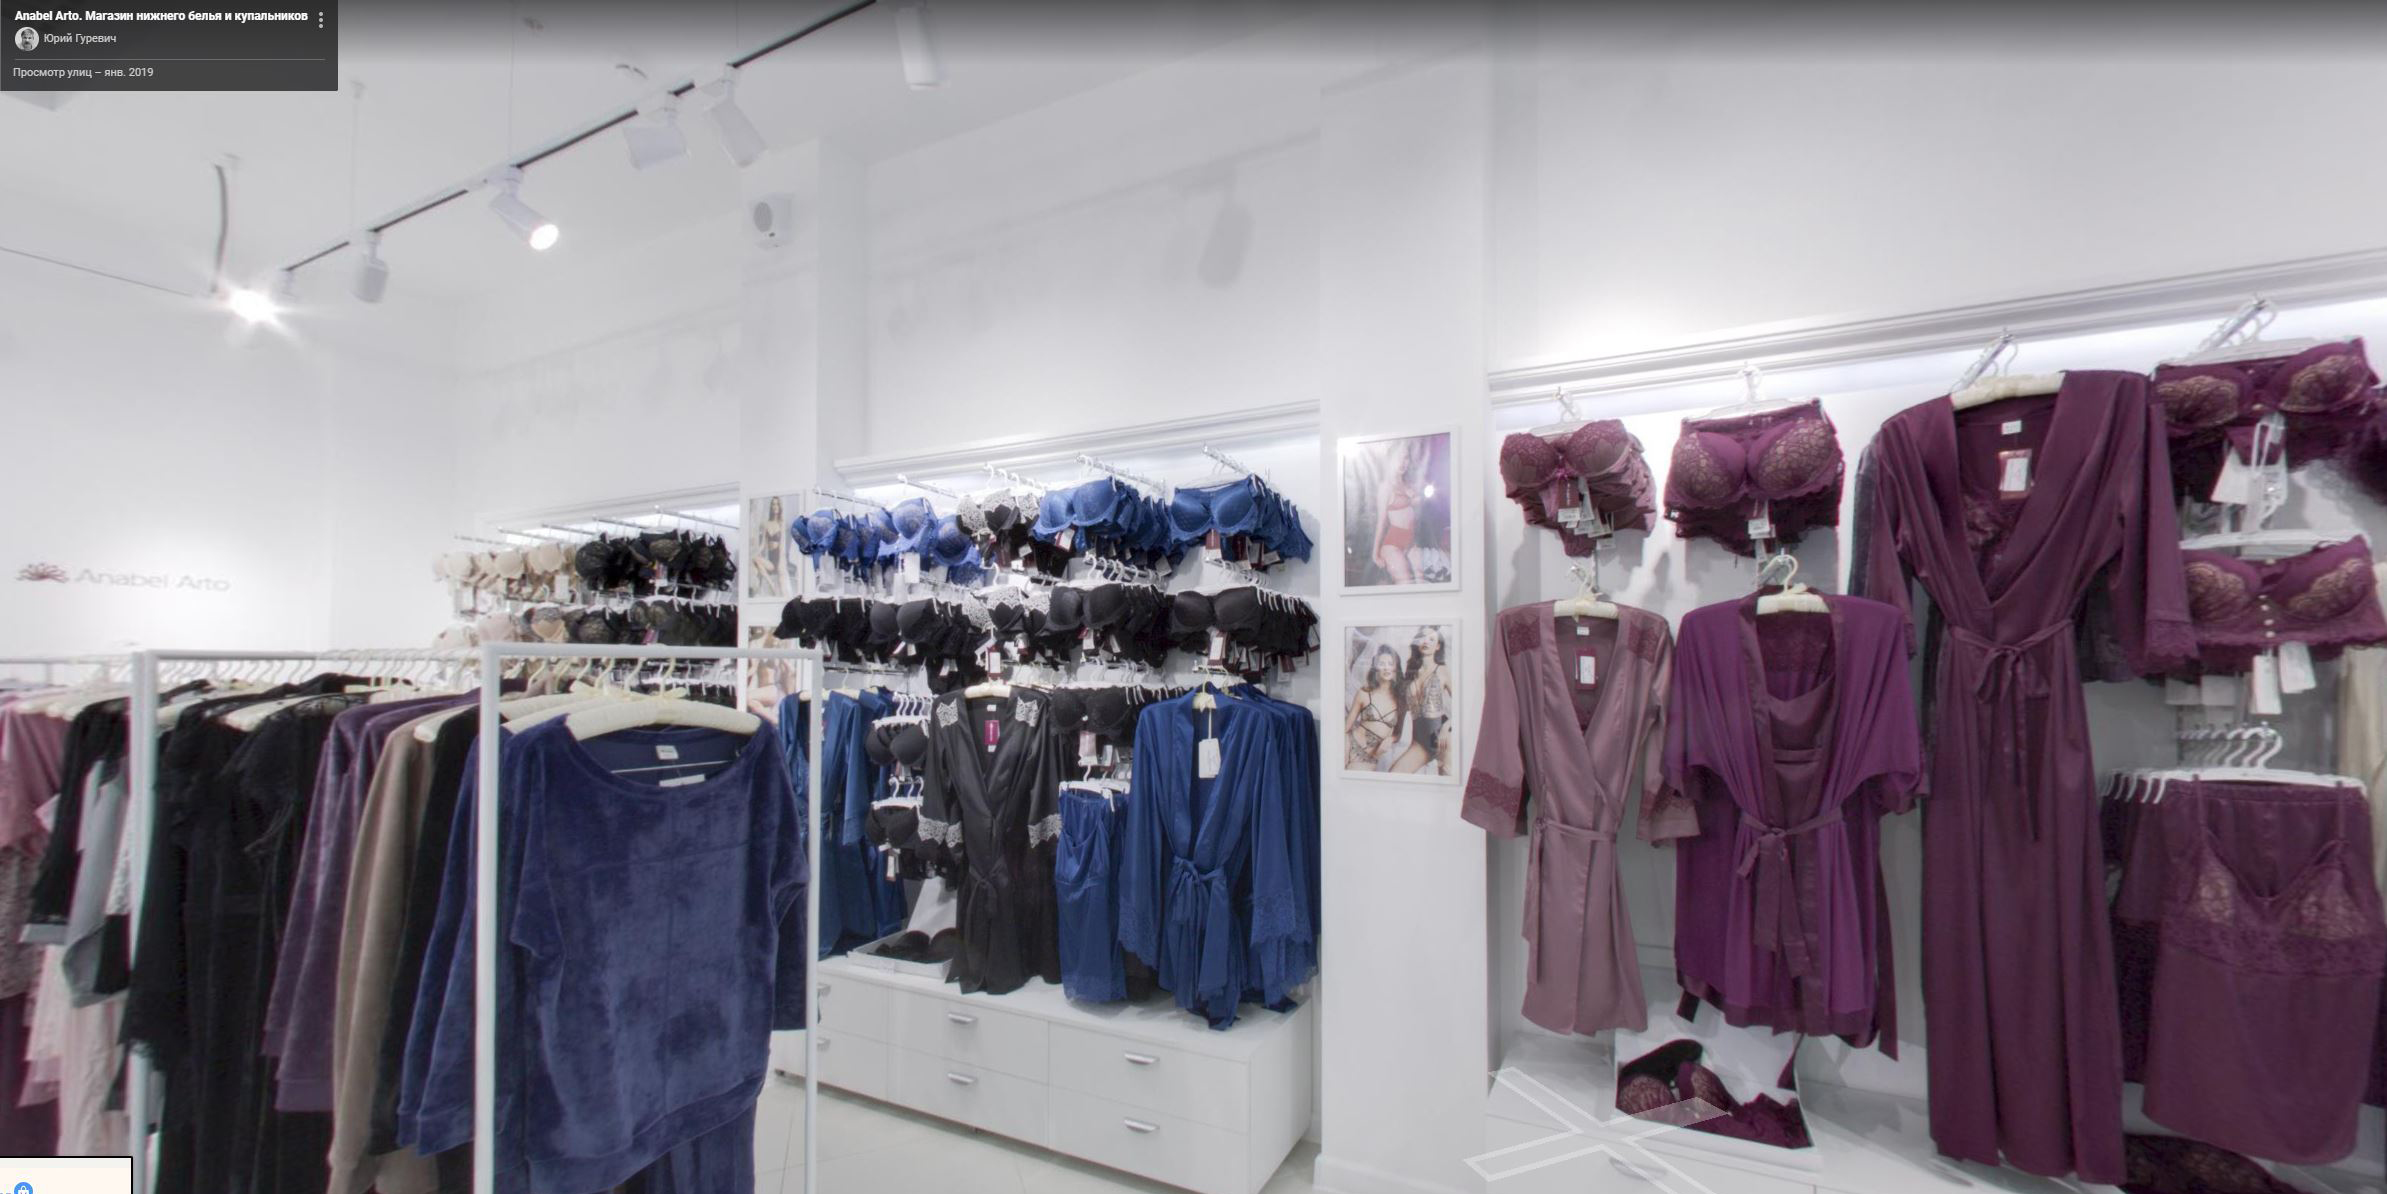 Anabel Arto магазин женского белья и купальников